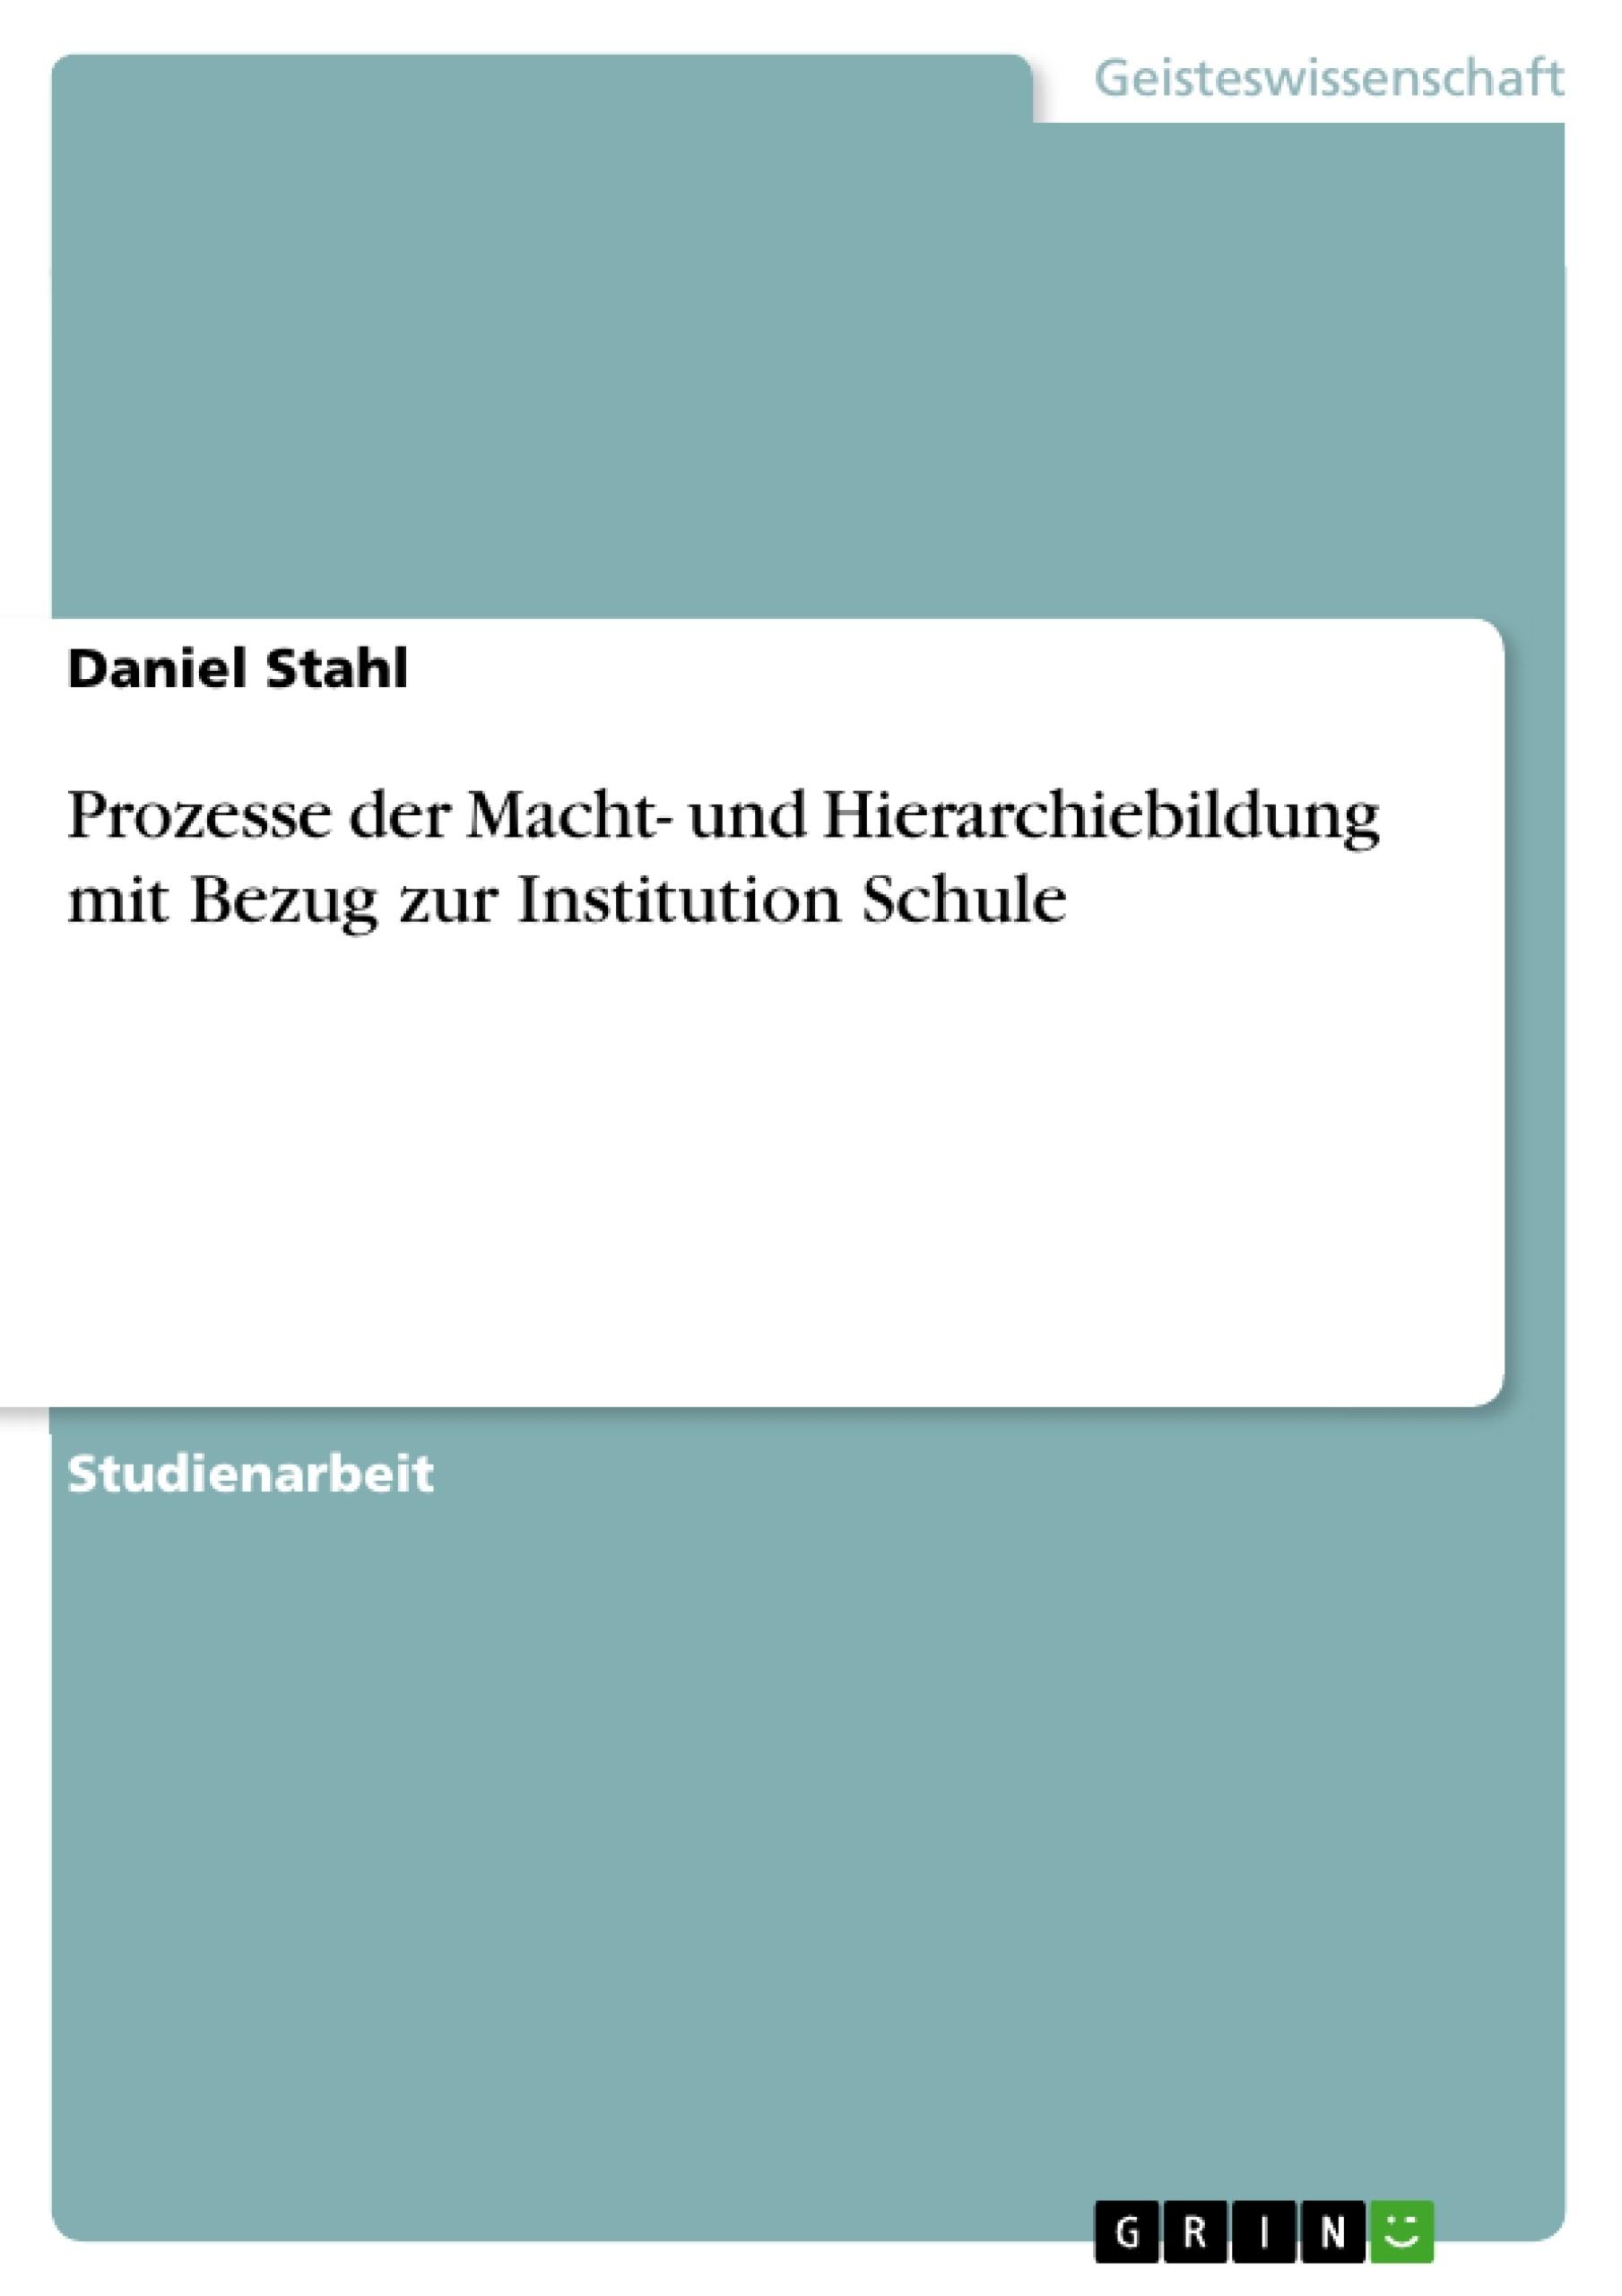 Titel: Prozesse der Macht- und Hierarchiebildung mit Bezug zur Institution Schule